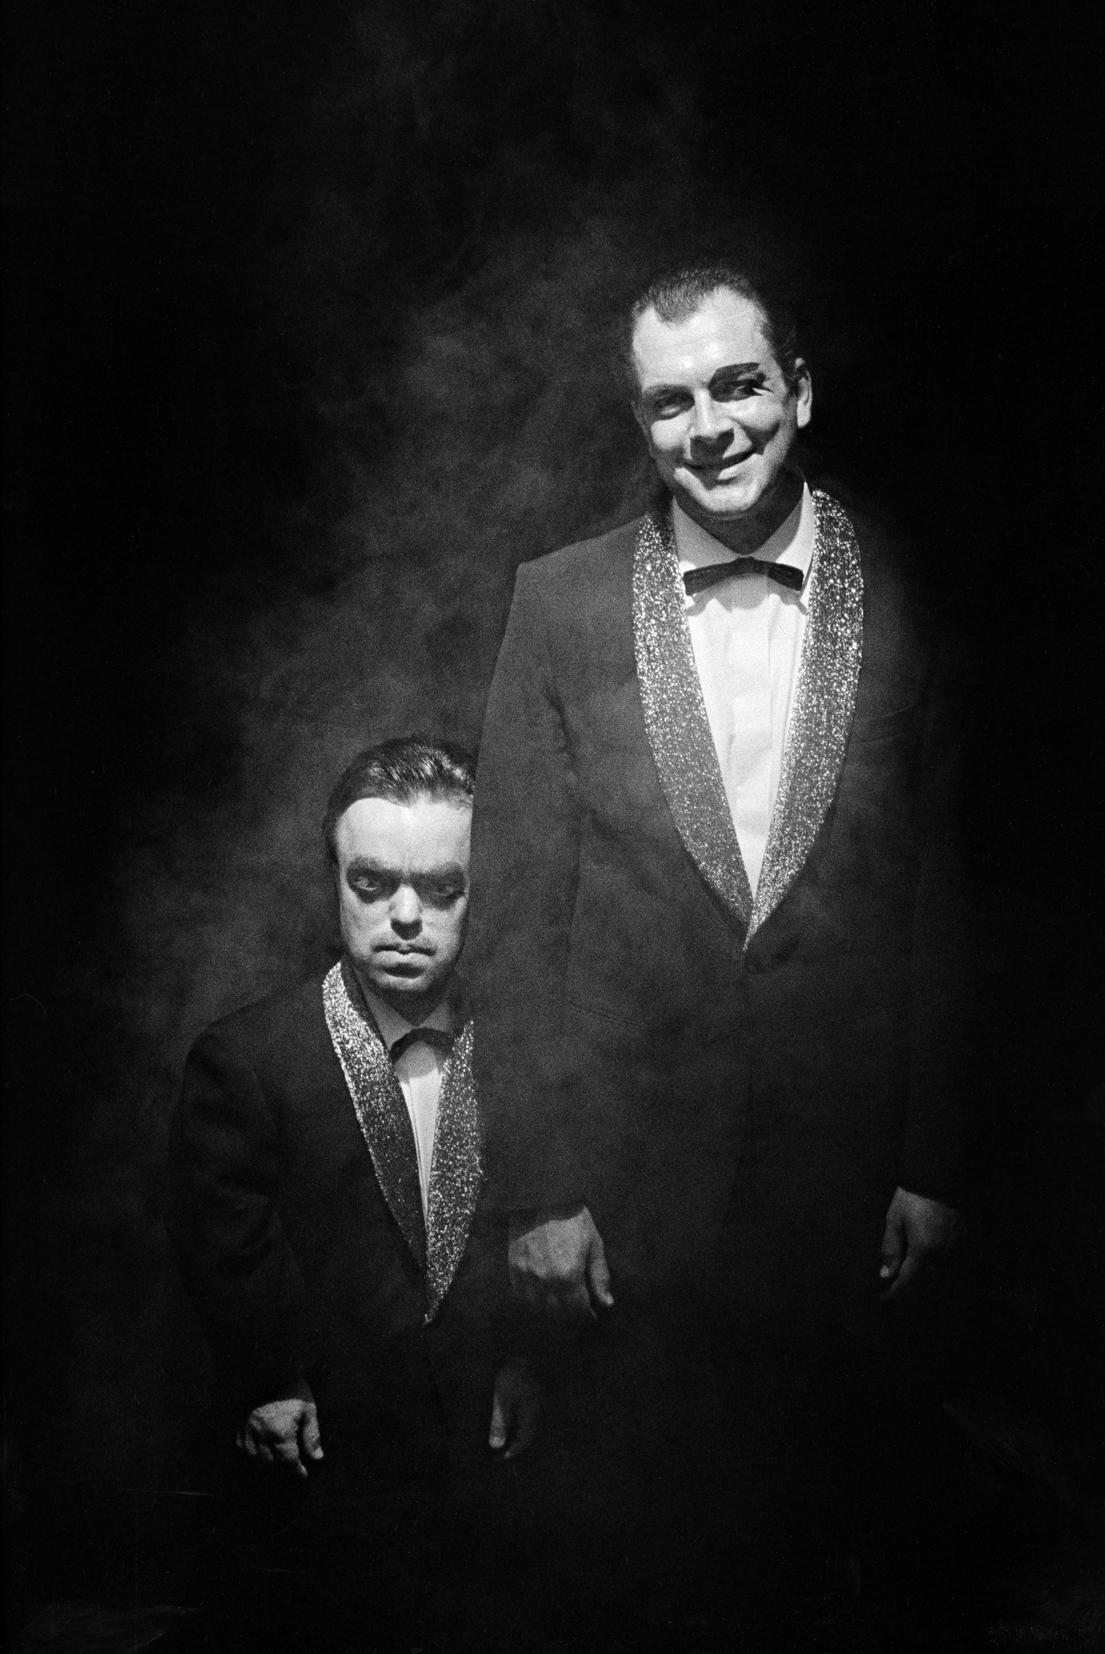 © Thomas Wågström.  Titel: Skådespelare.  Plats/Datum: Teater Aurora, Stockholm, 1980-tal. Bildmått: 11x17 cm  Teknik: Arkivbeständig pigmentbläckutskrift  Montering: Säljs oinramad Upplaga: 5 + 2 AP Signerad: Ja Pris: SEK 2 500. (Pris avser oinramad bild).